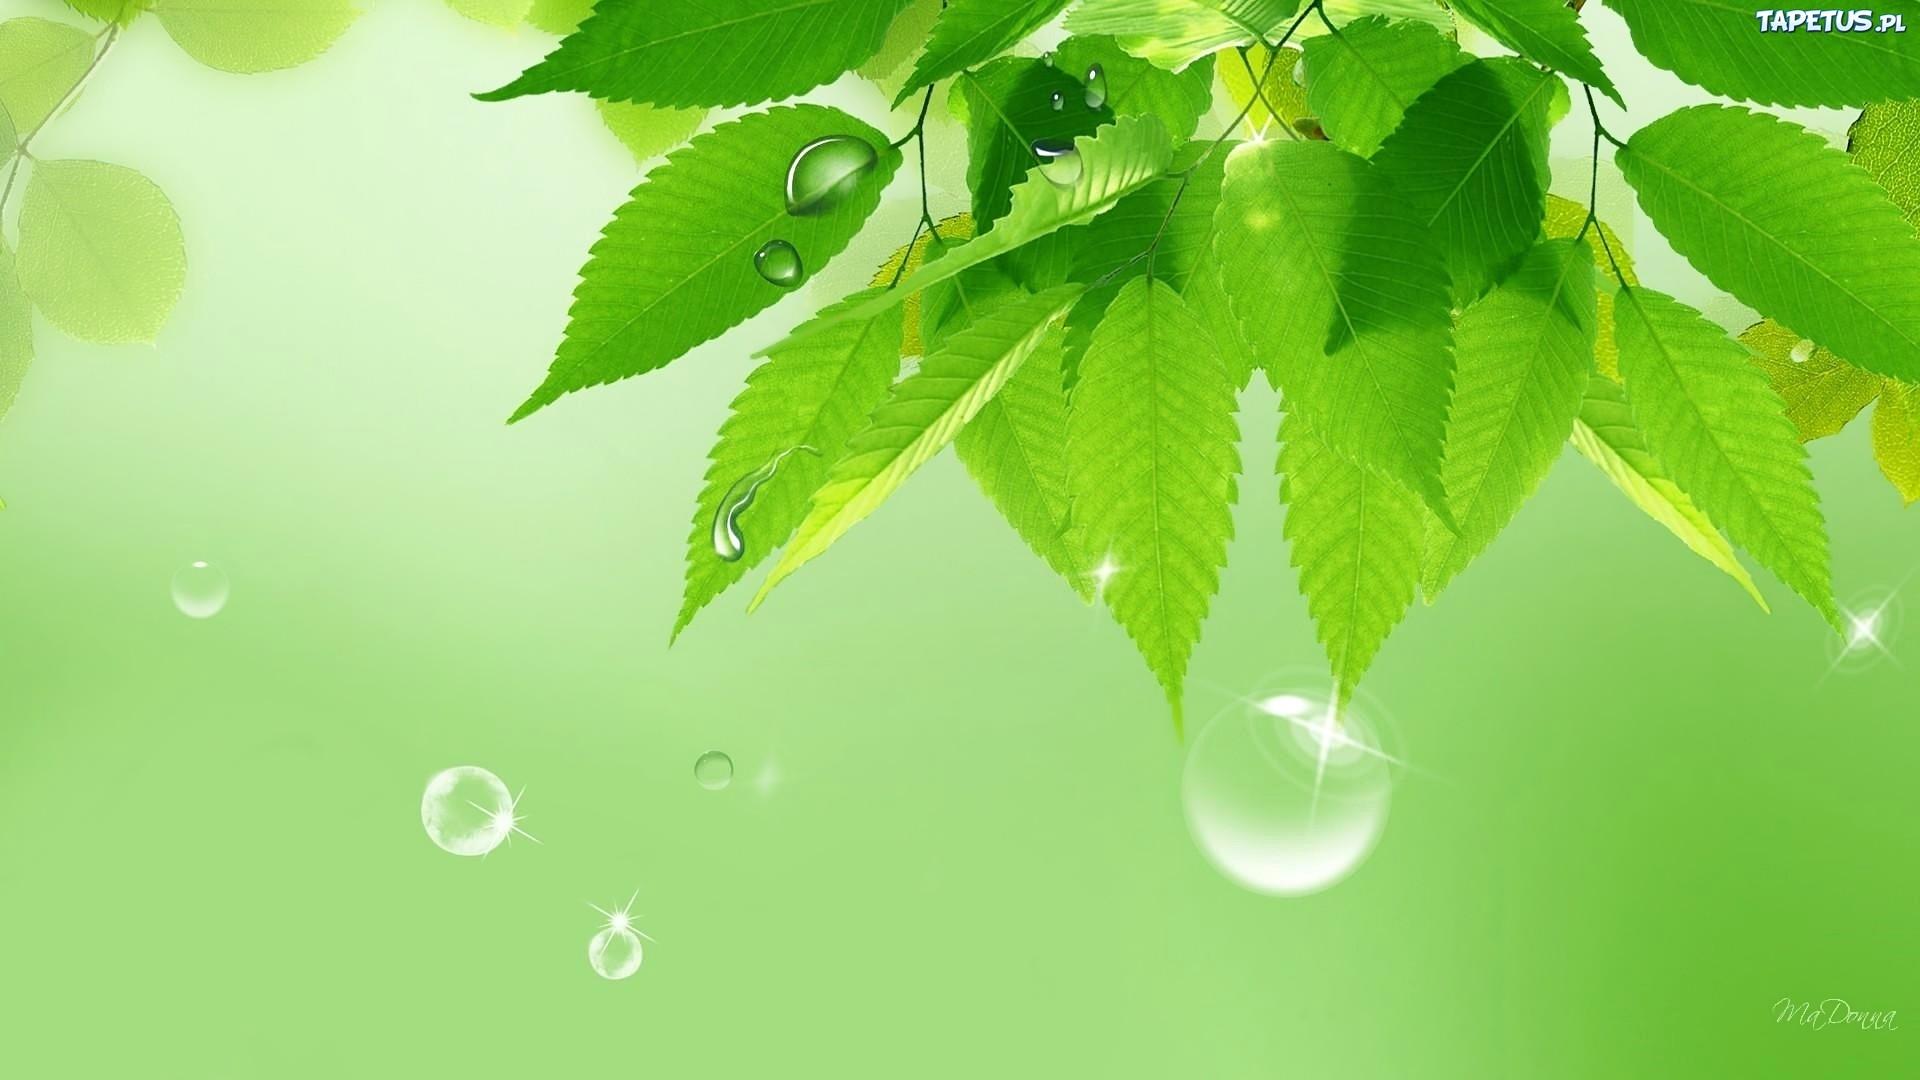 природа листья весна  № 3899996 загрузить